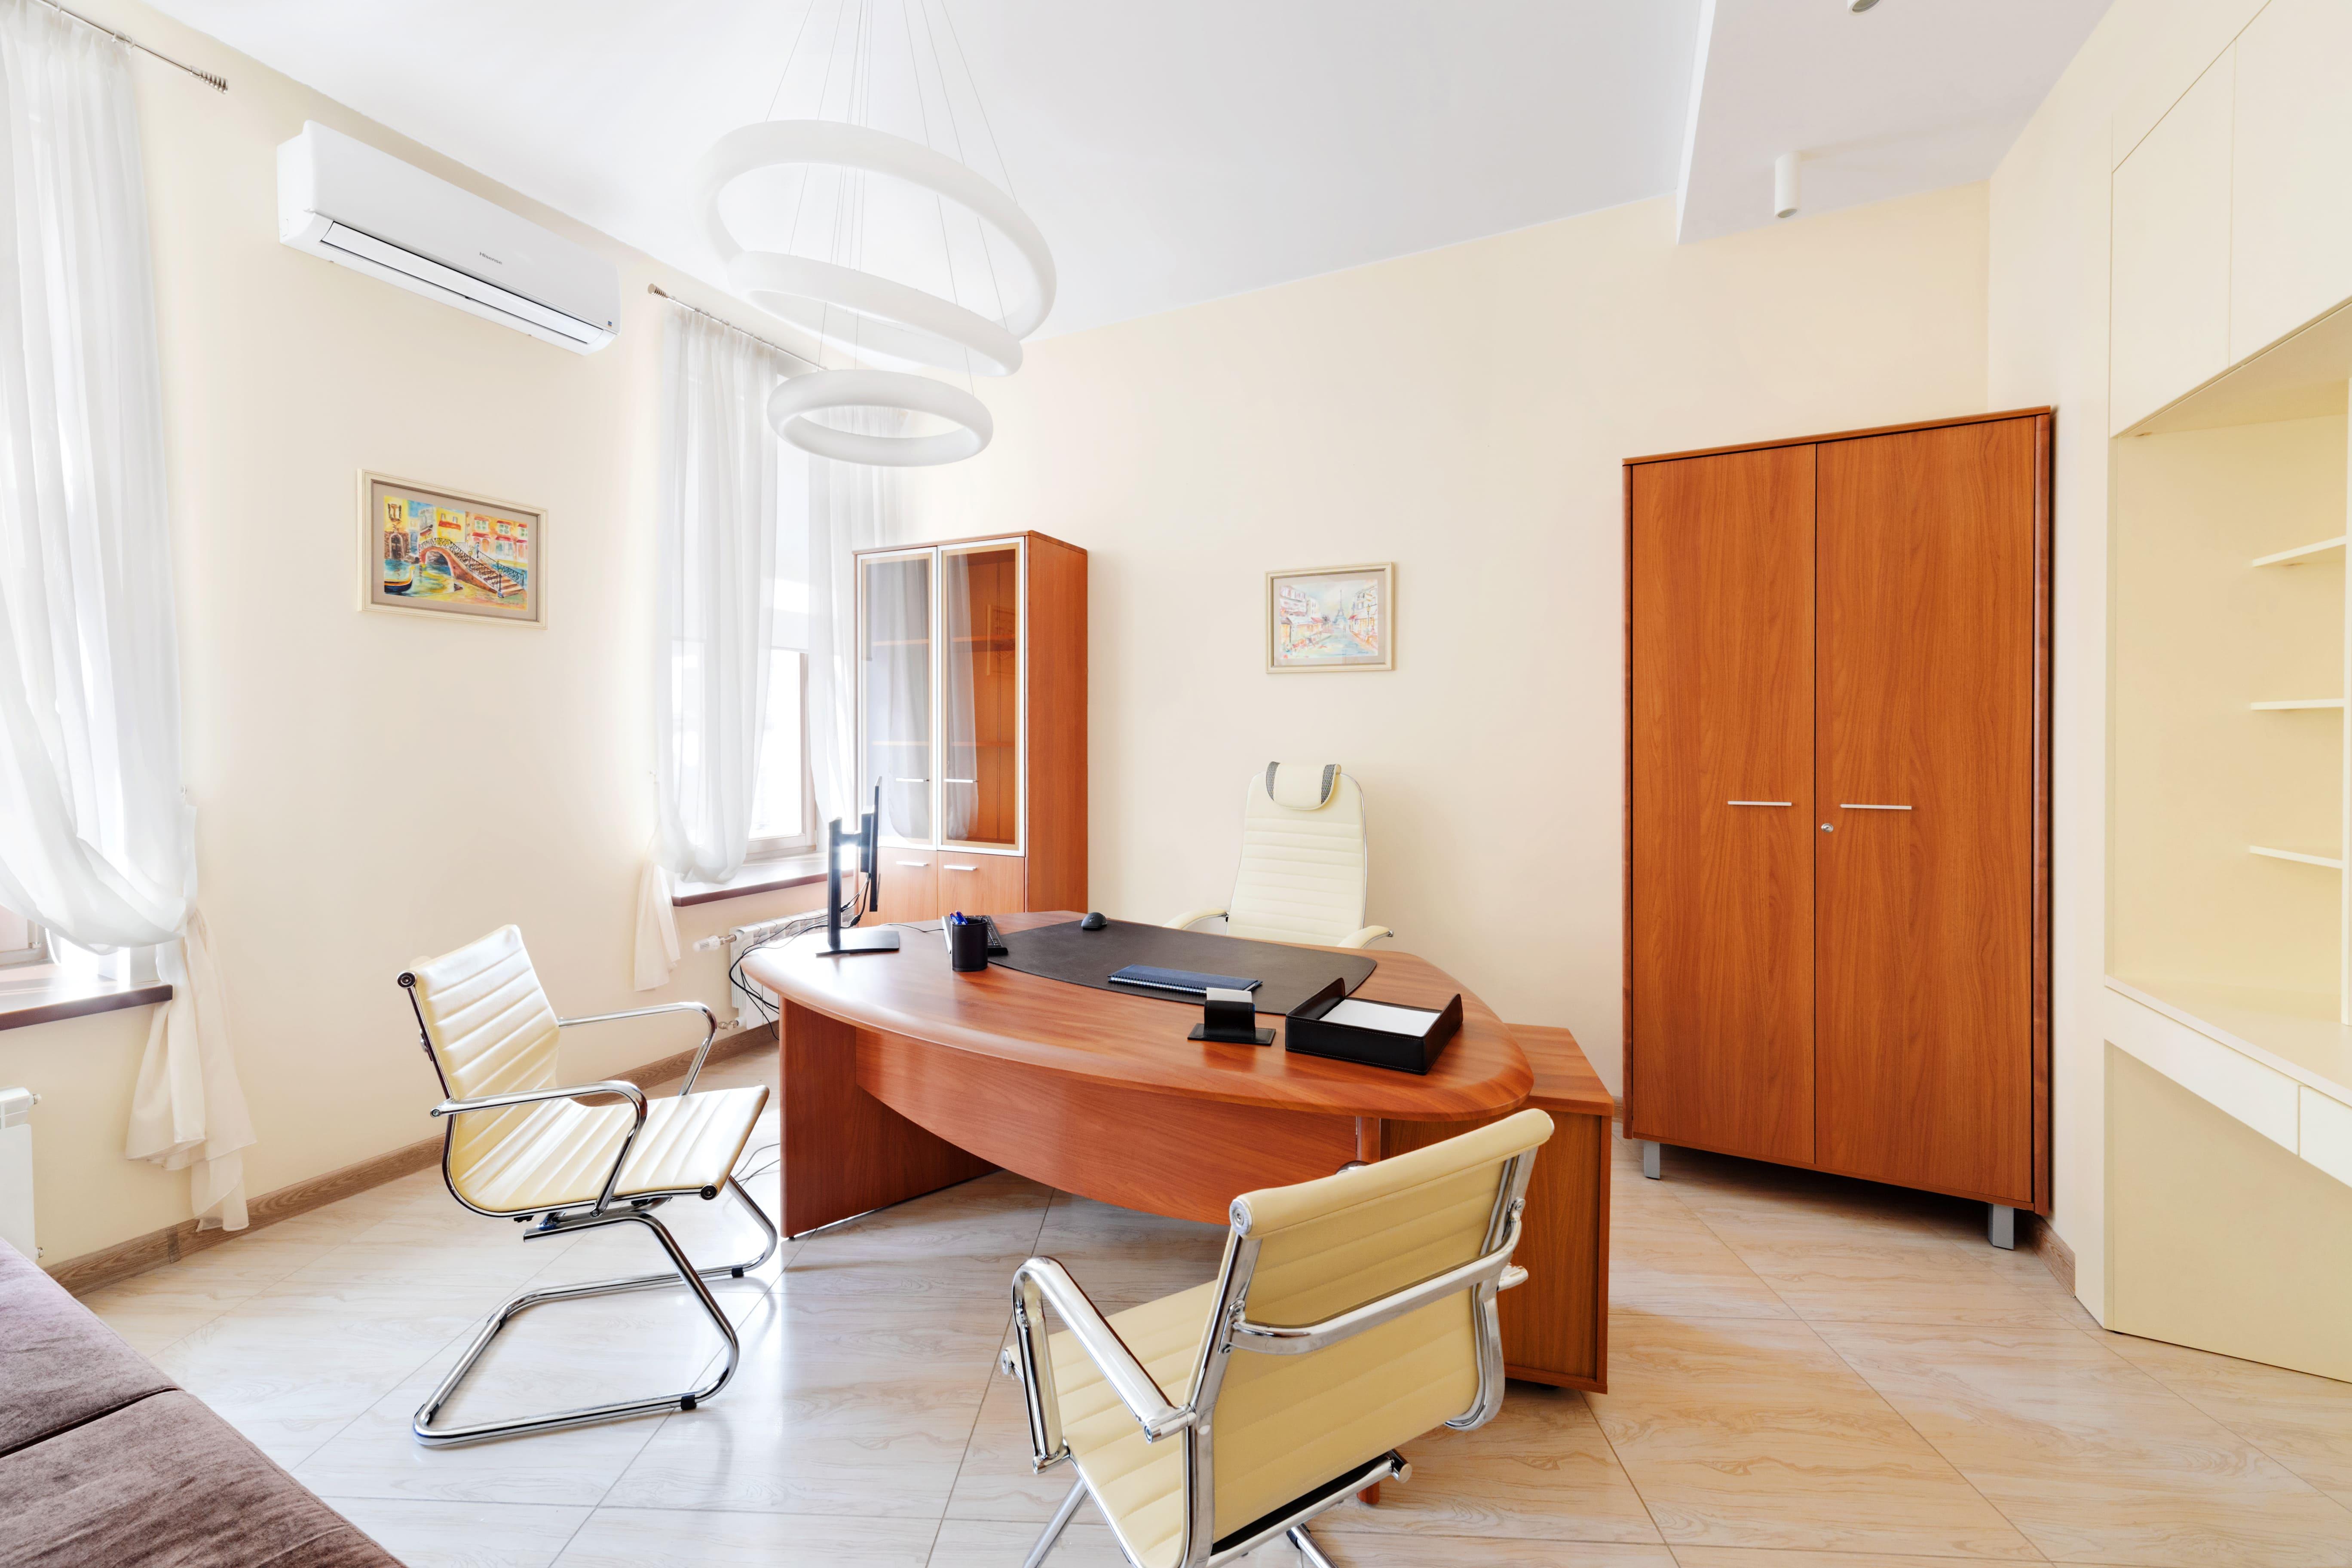 московский офис внутри